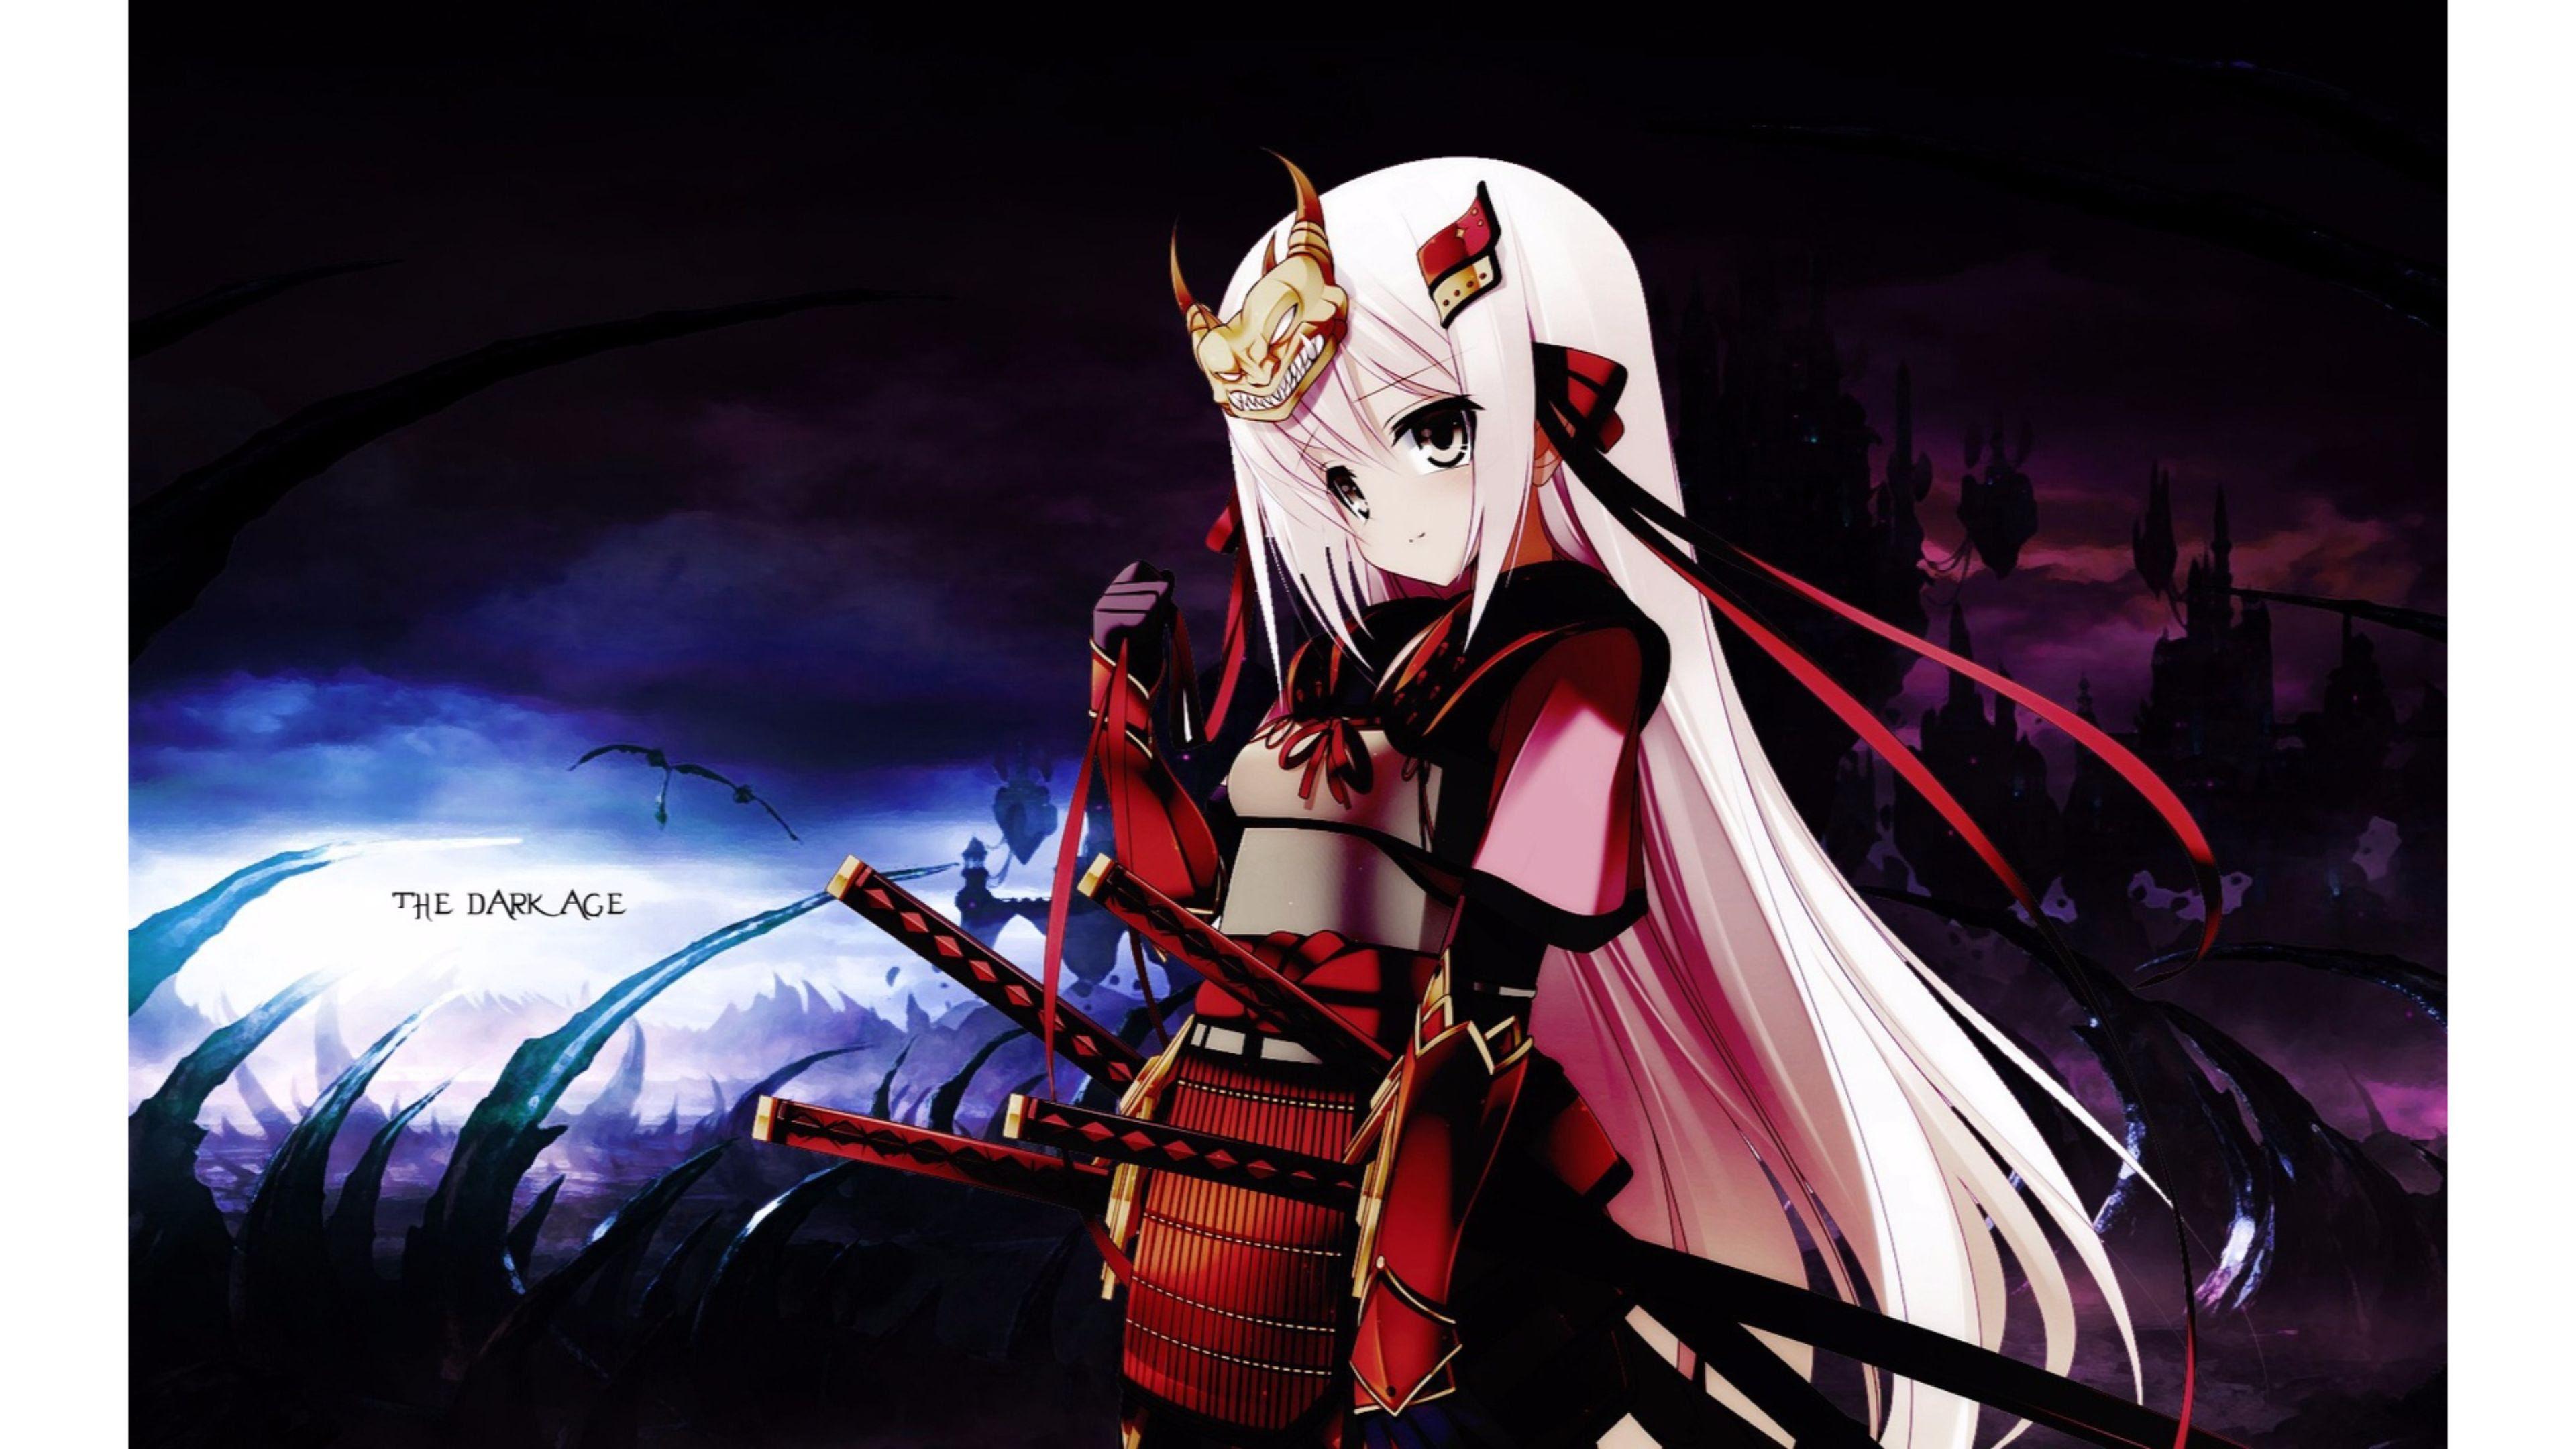 Anime Wallpaper 4K - WallpaperSafari